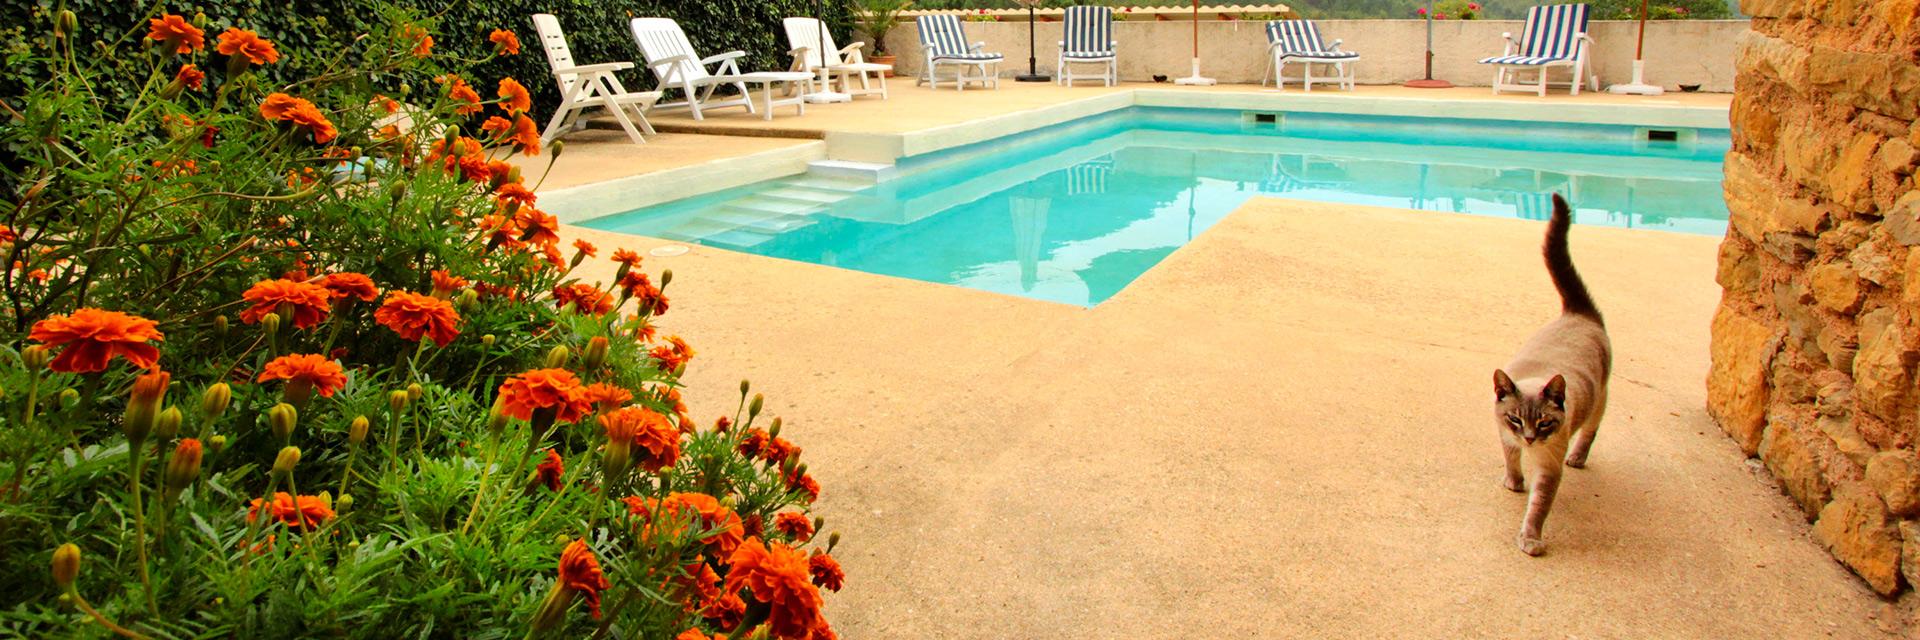 Notre espace bien-être : piscine et jacuzzi